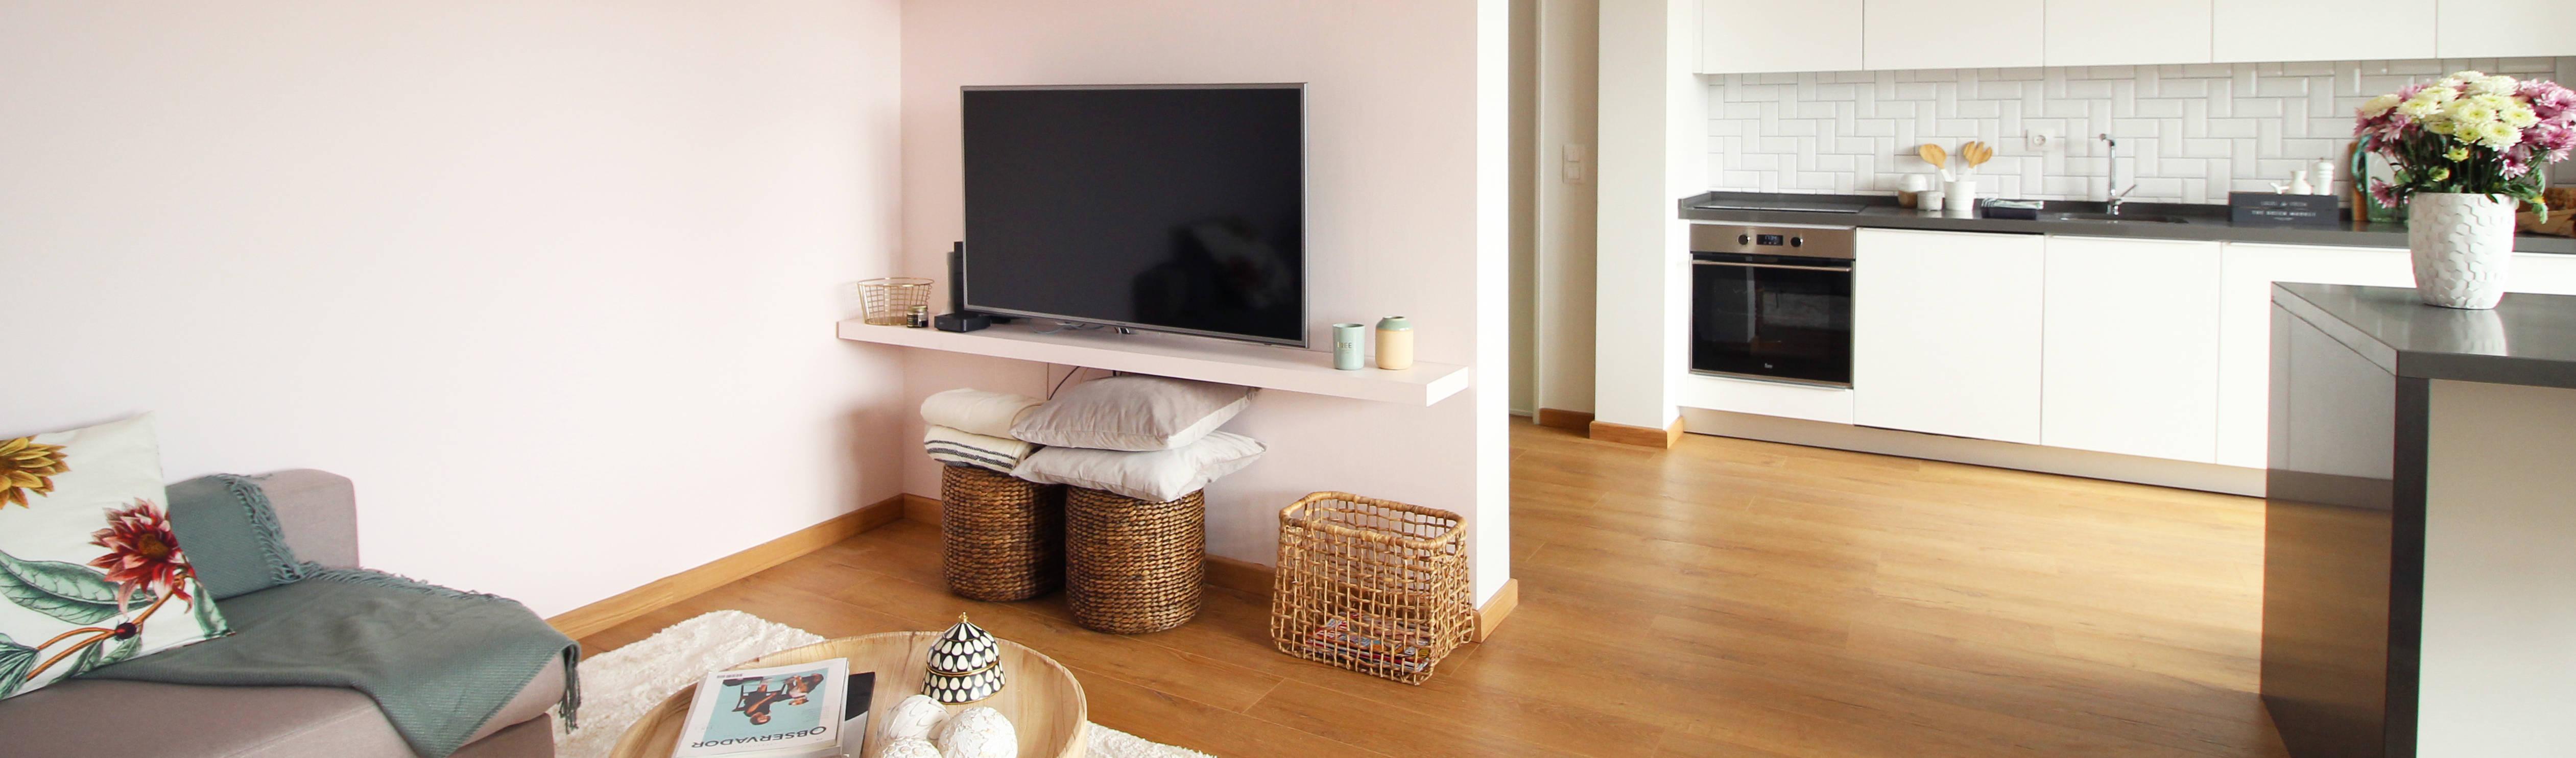 Rima Design